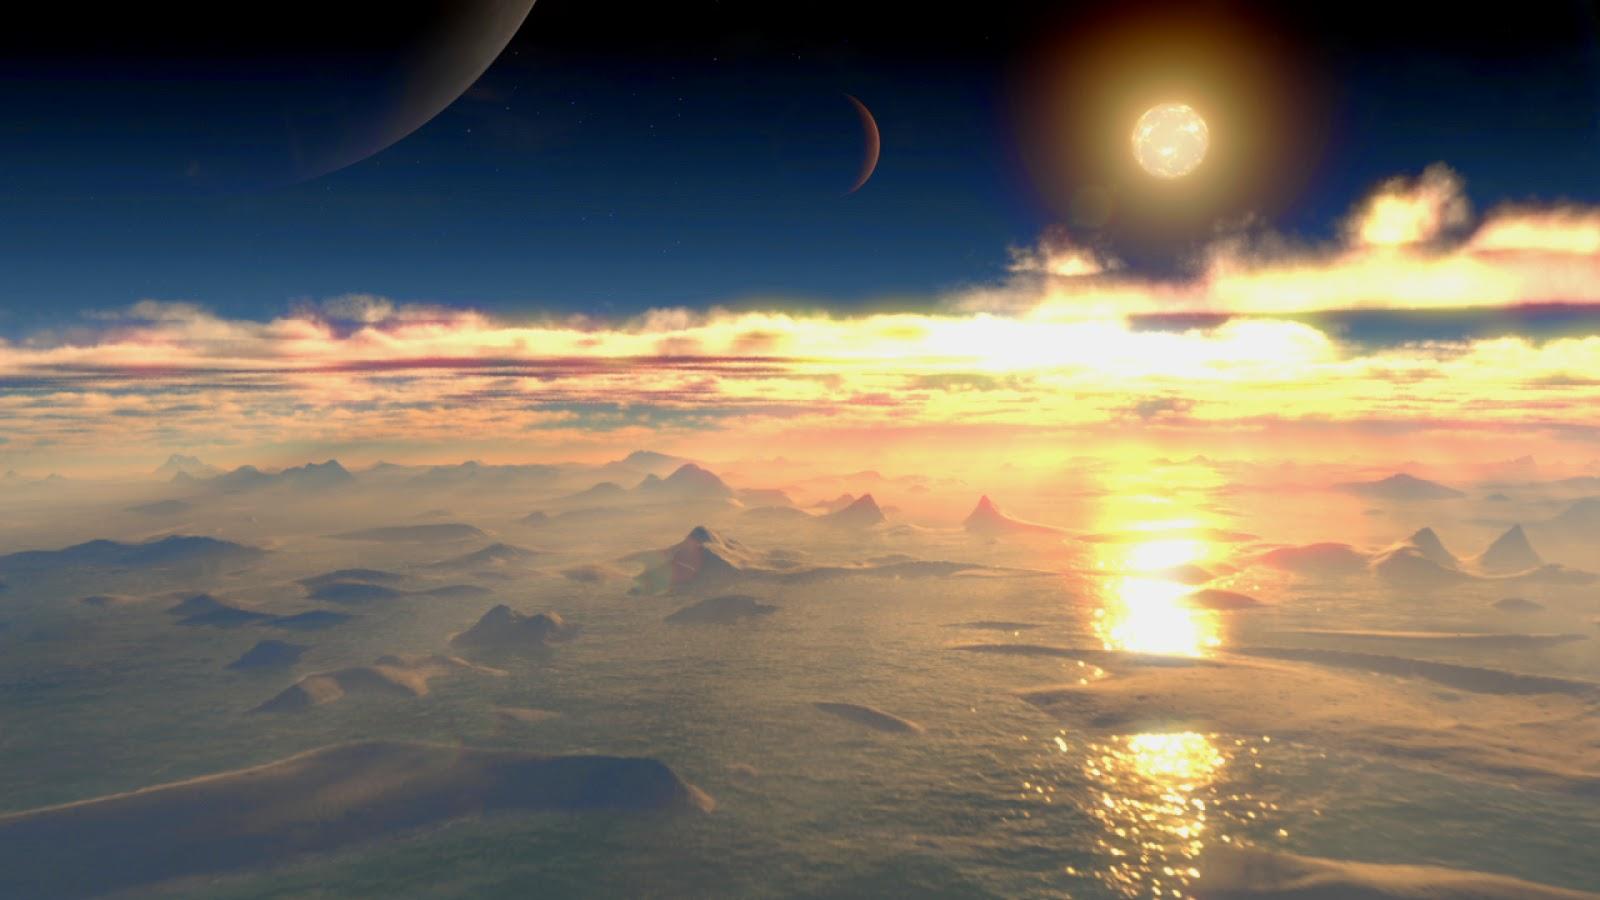 Cientistas relatam a certeza de que há incontáveis biosferas em potencial na Via Láctea e revelam os métodos para encontra-las e explorá-las - Divulgação